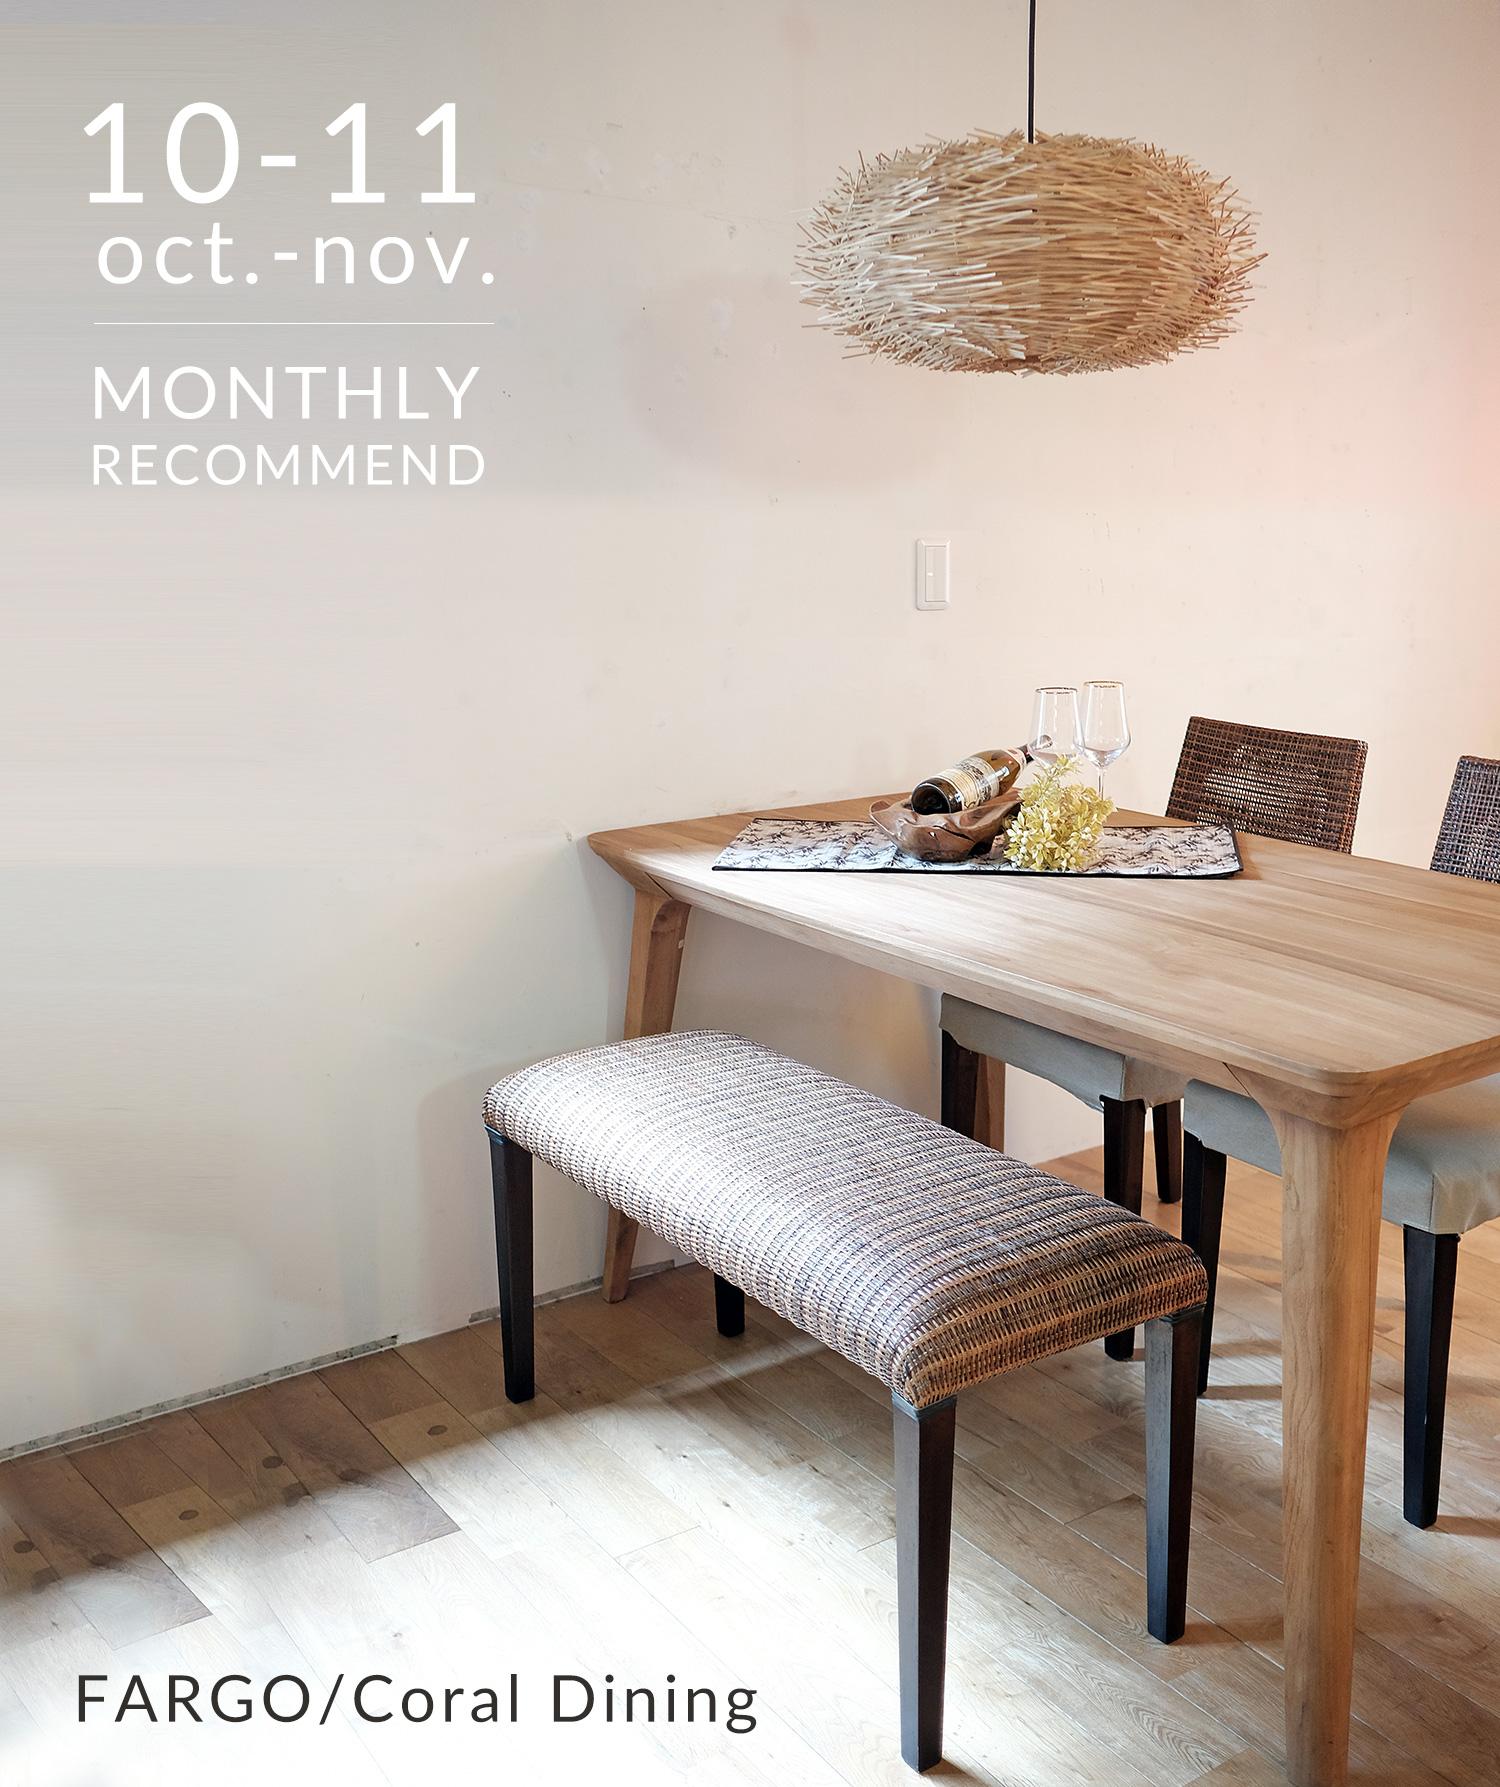 アジアン家具KAJA今月のおすすめアイテム